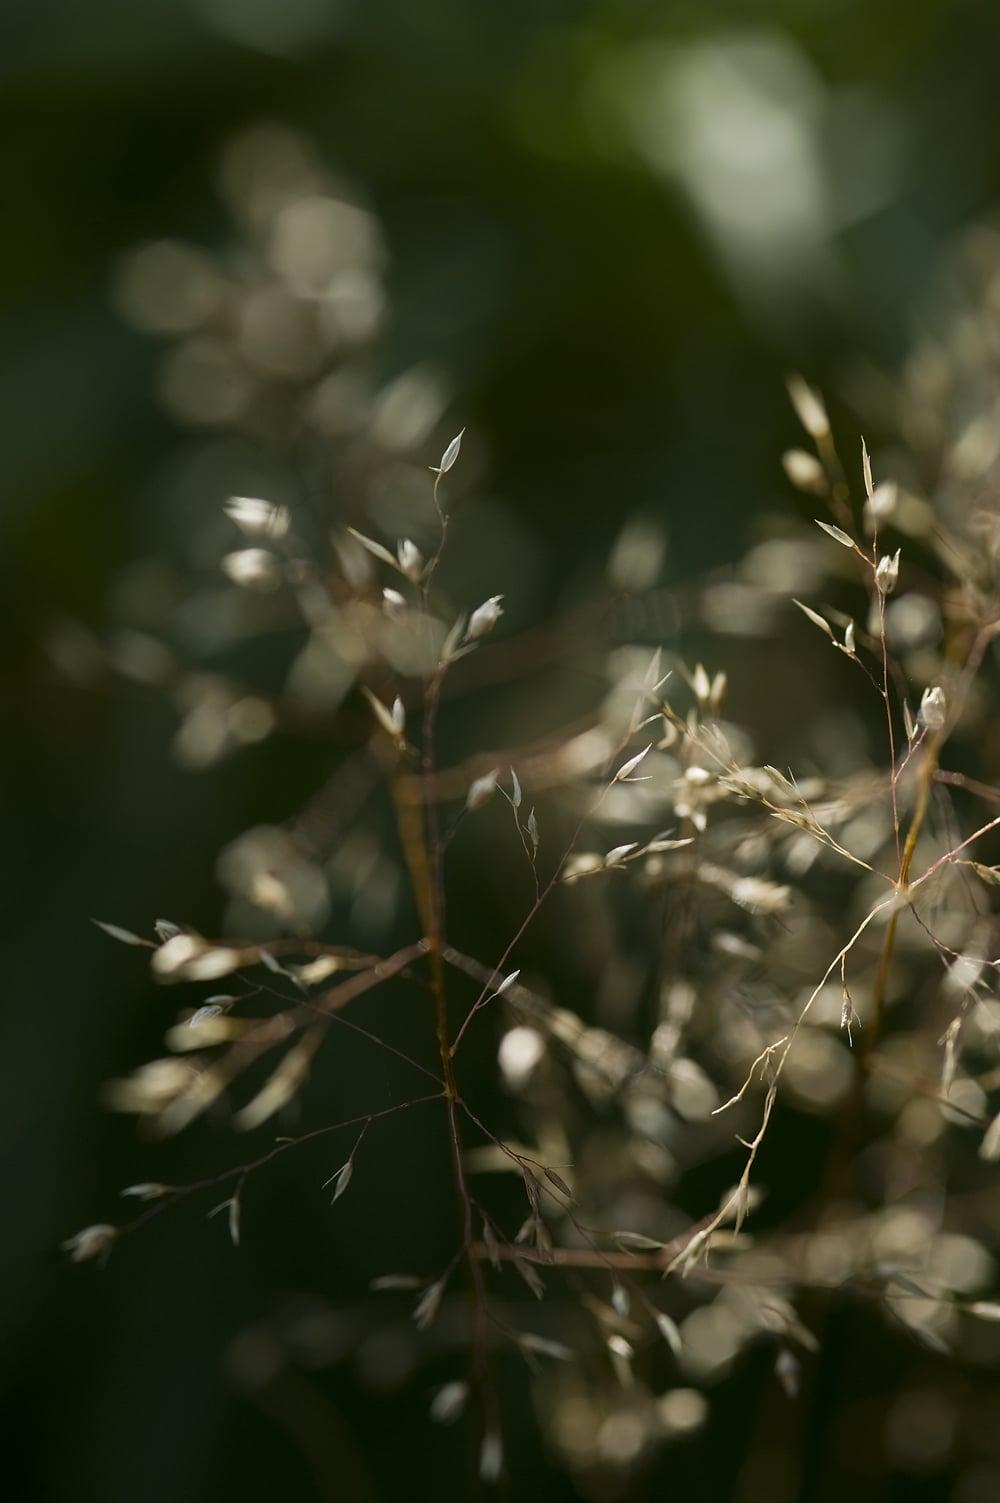 #20 Grass fronds